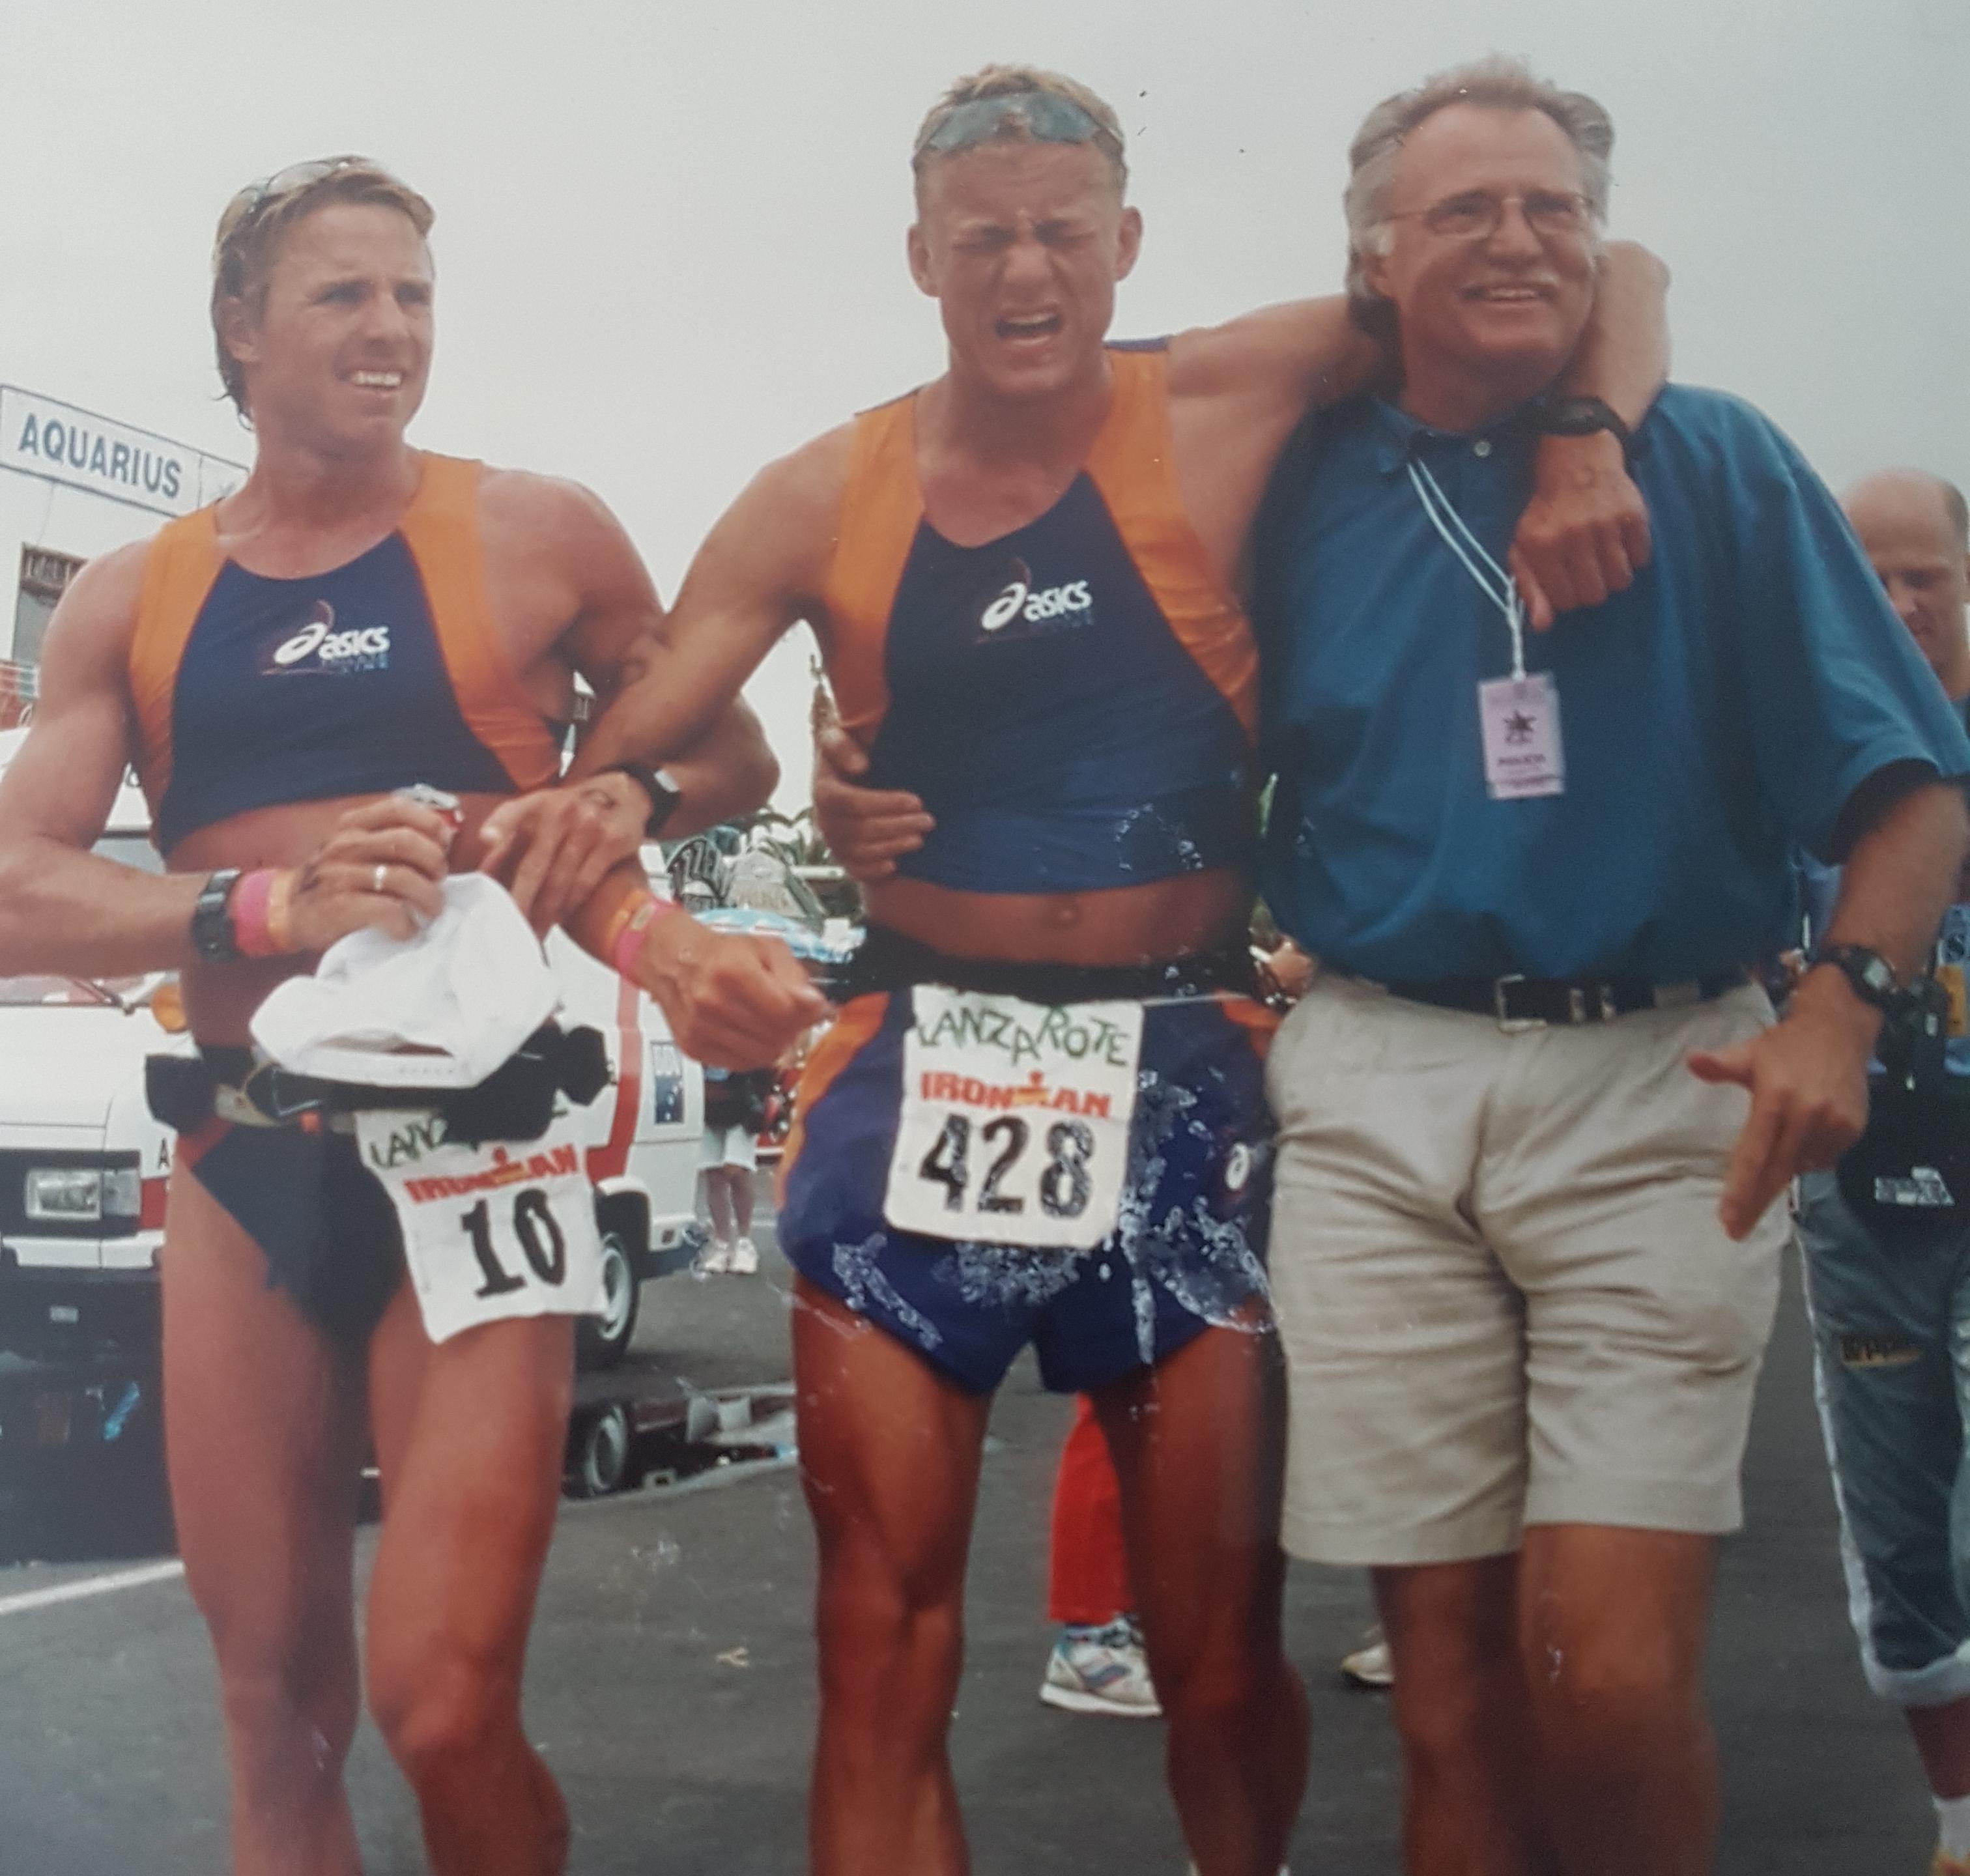 Ironman-chefen fylder 70 år